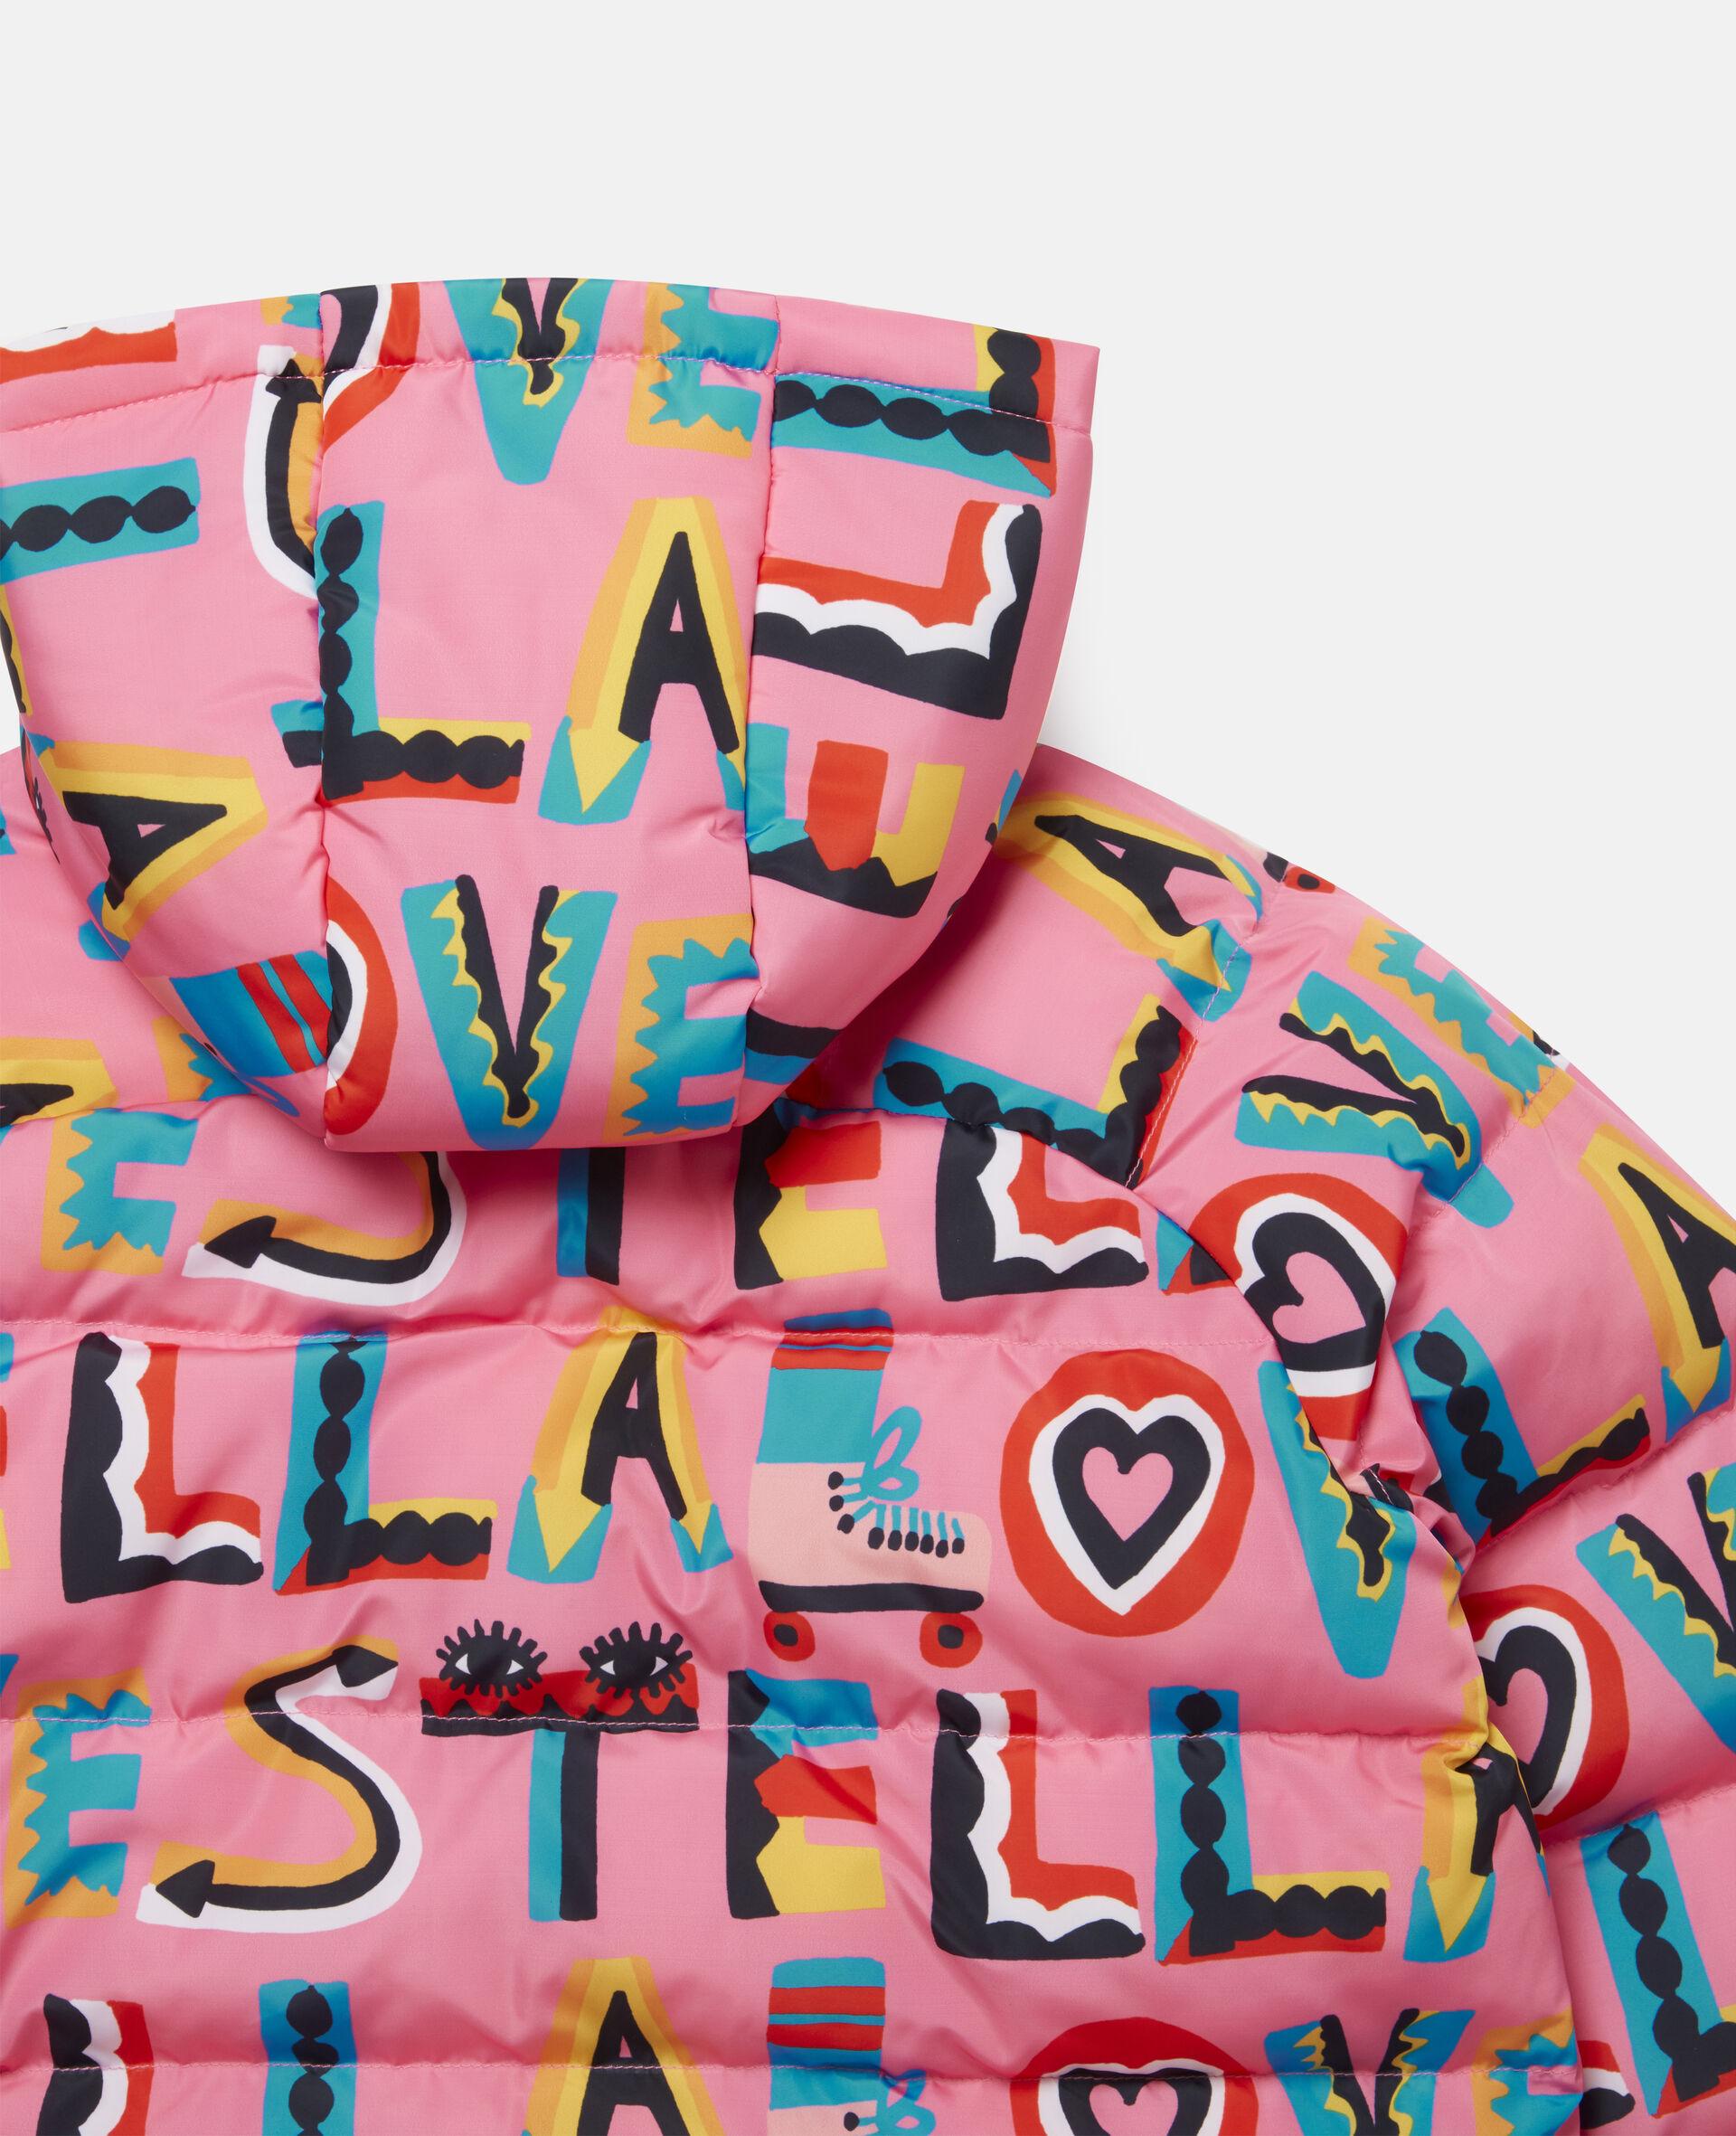 Stella Loves 印花连帽羽绒夹克 -粉色-large image number 2